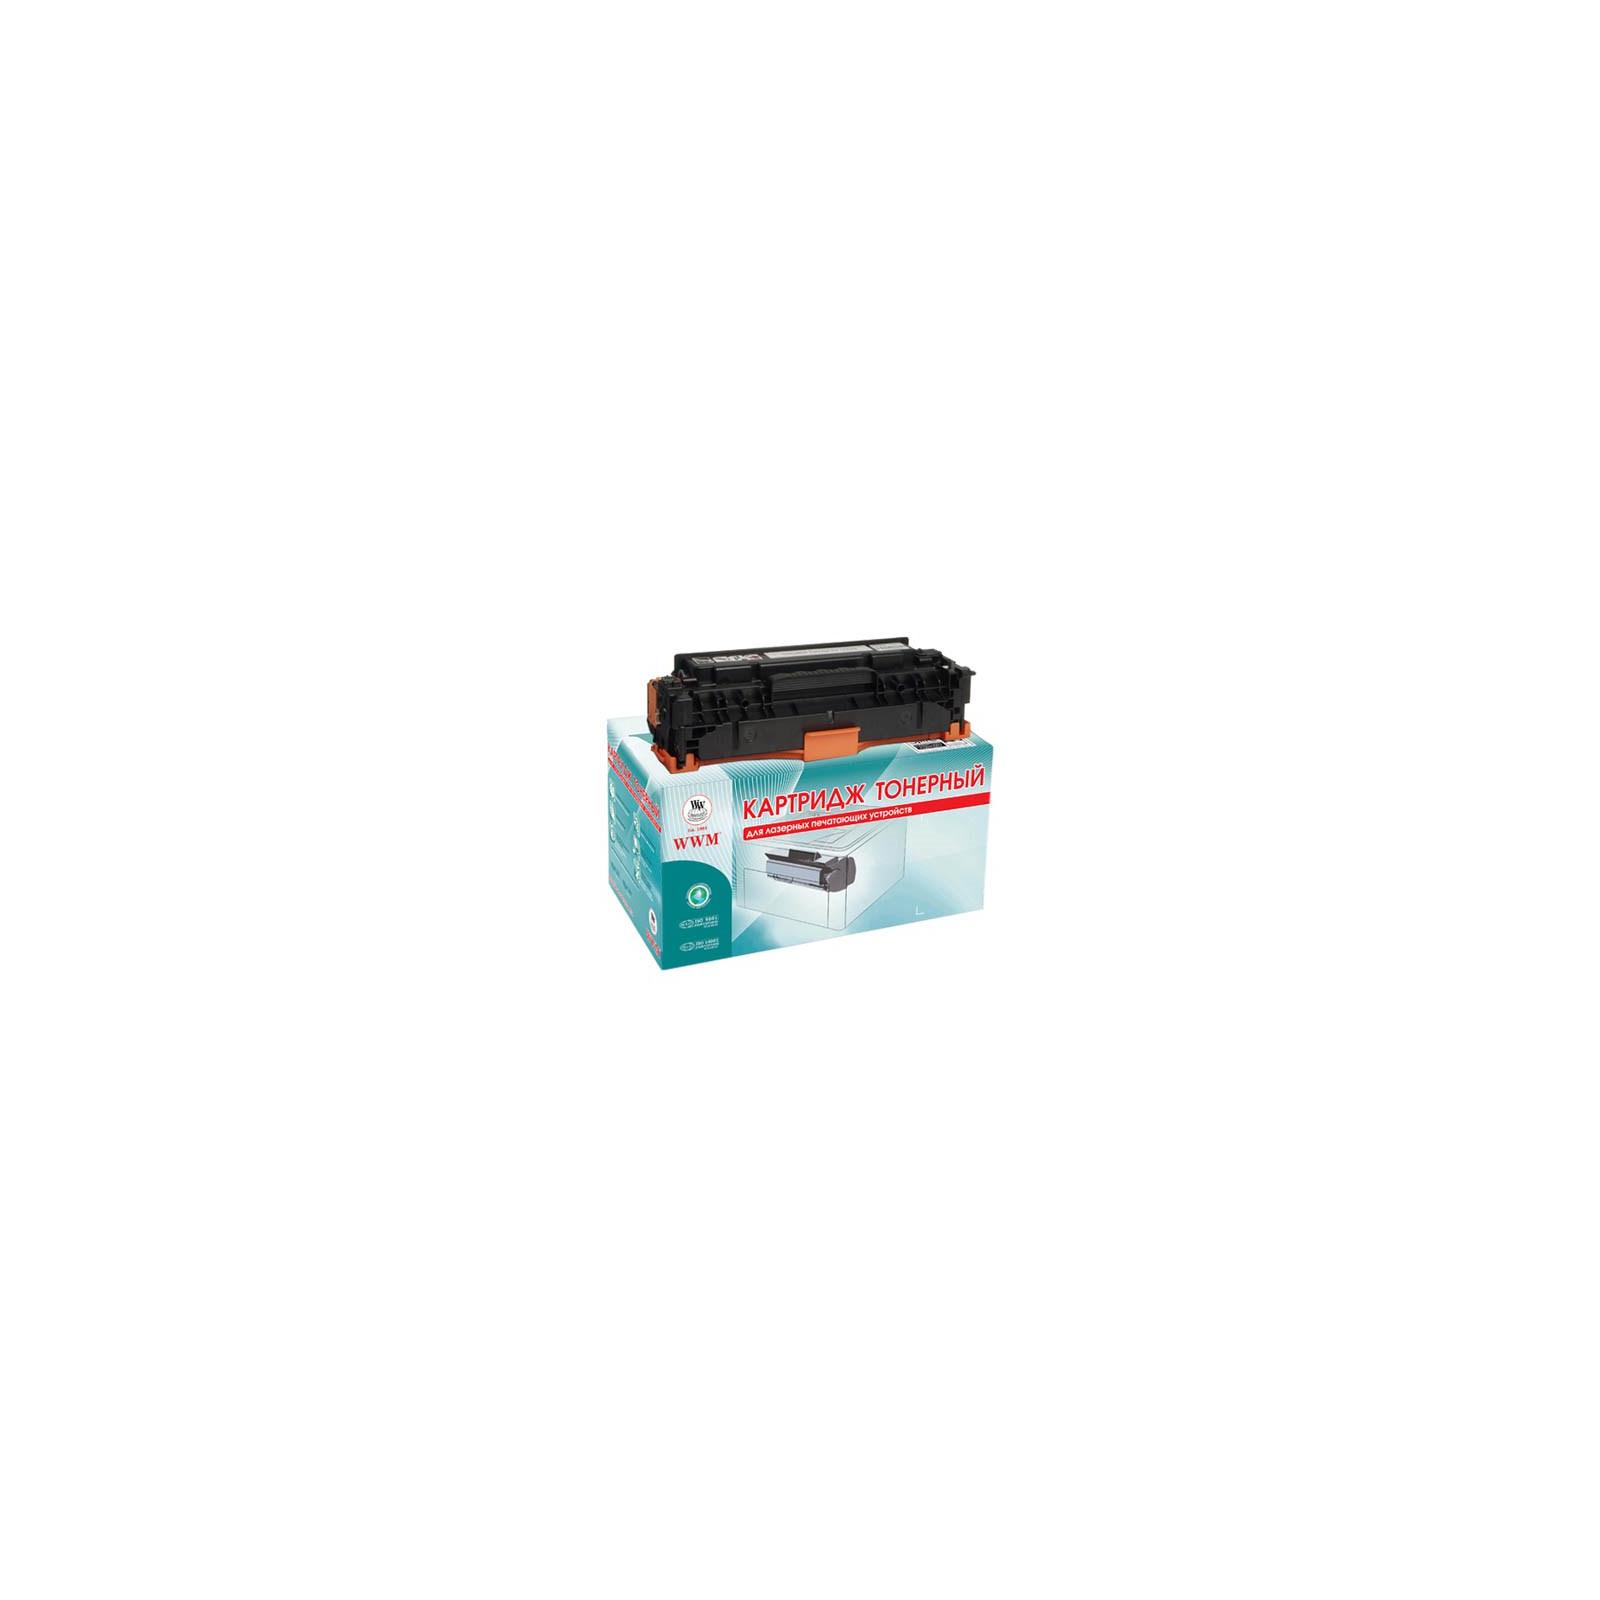 Картридж WWM для HP CLJ CP2025/CM2320 Yellow (LC41BN)